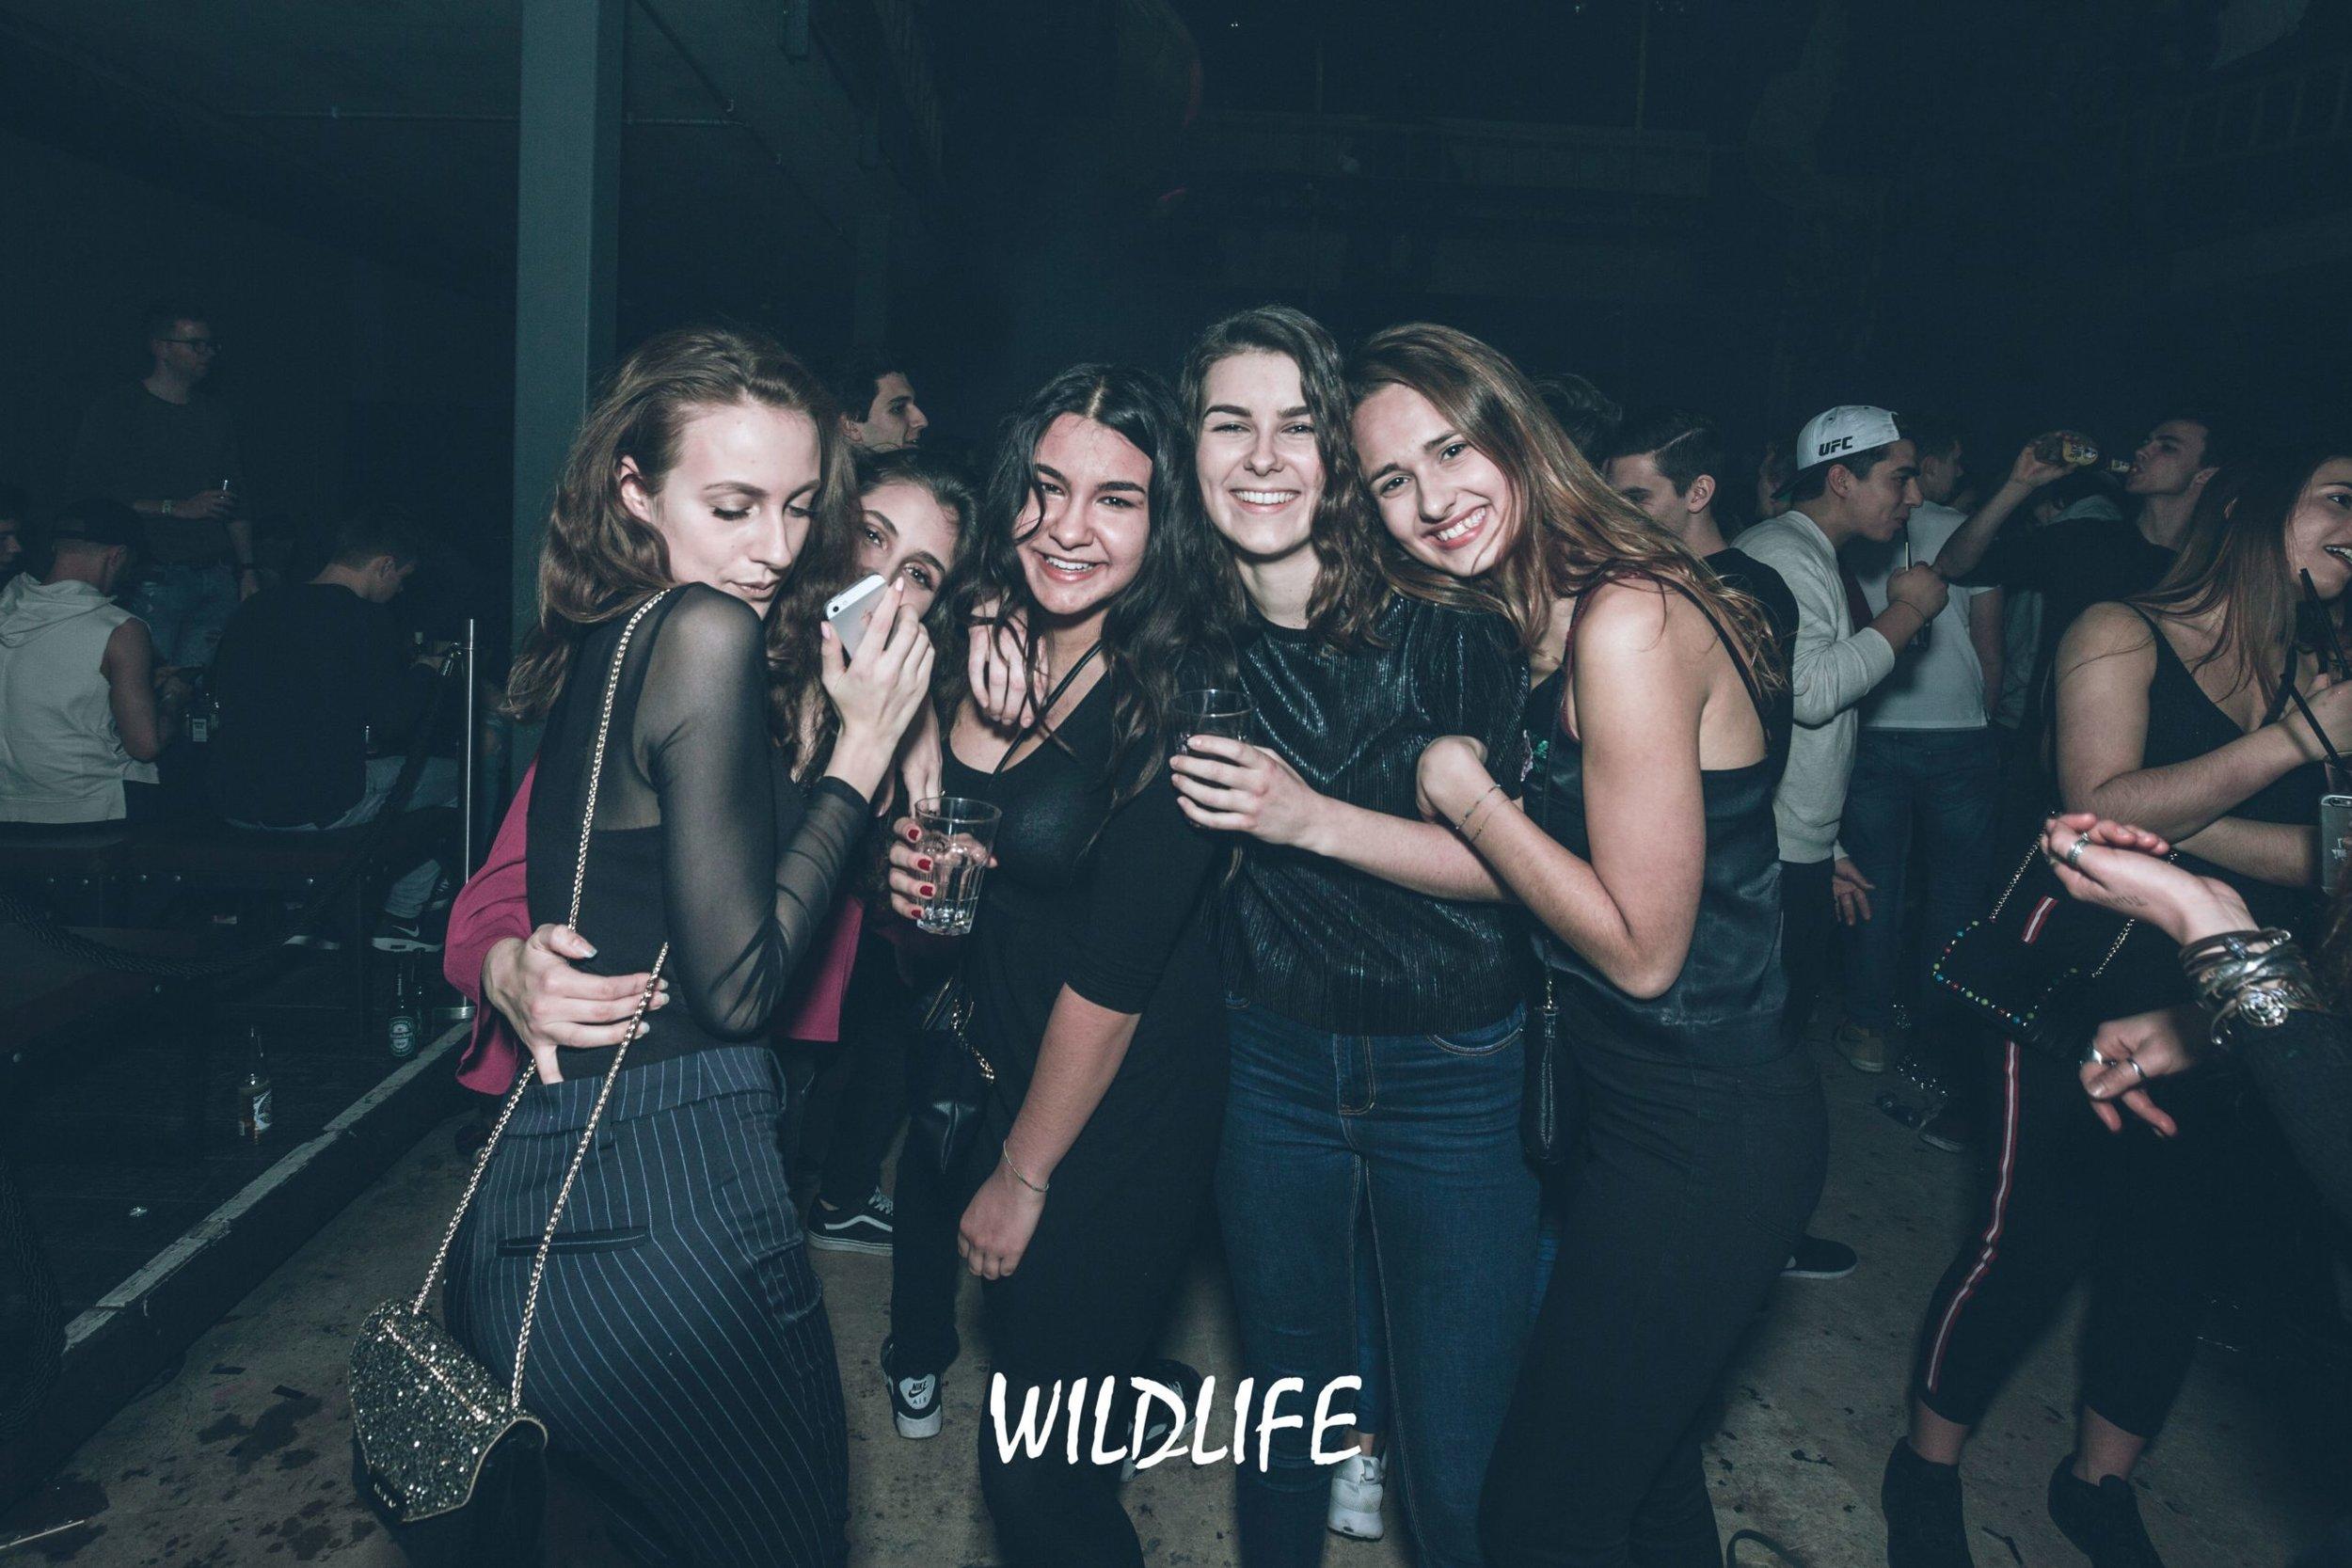 wildlife130118_008-1-2560x1707.jpg